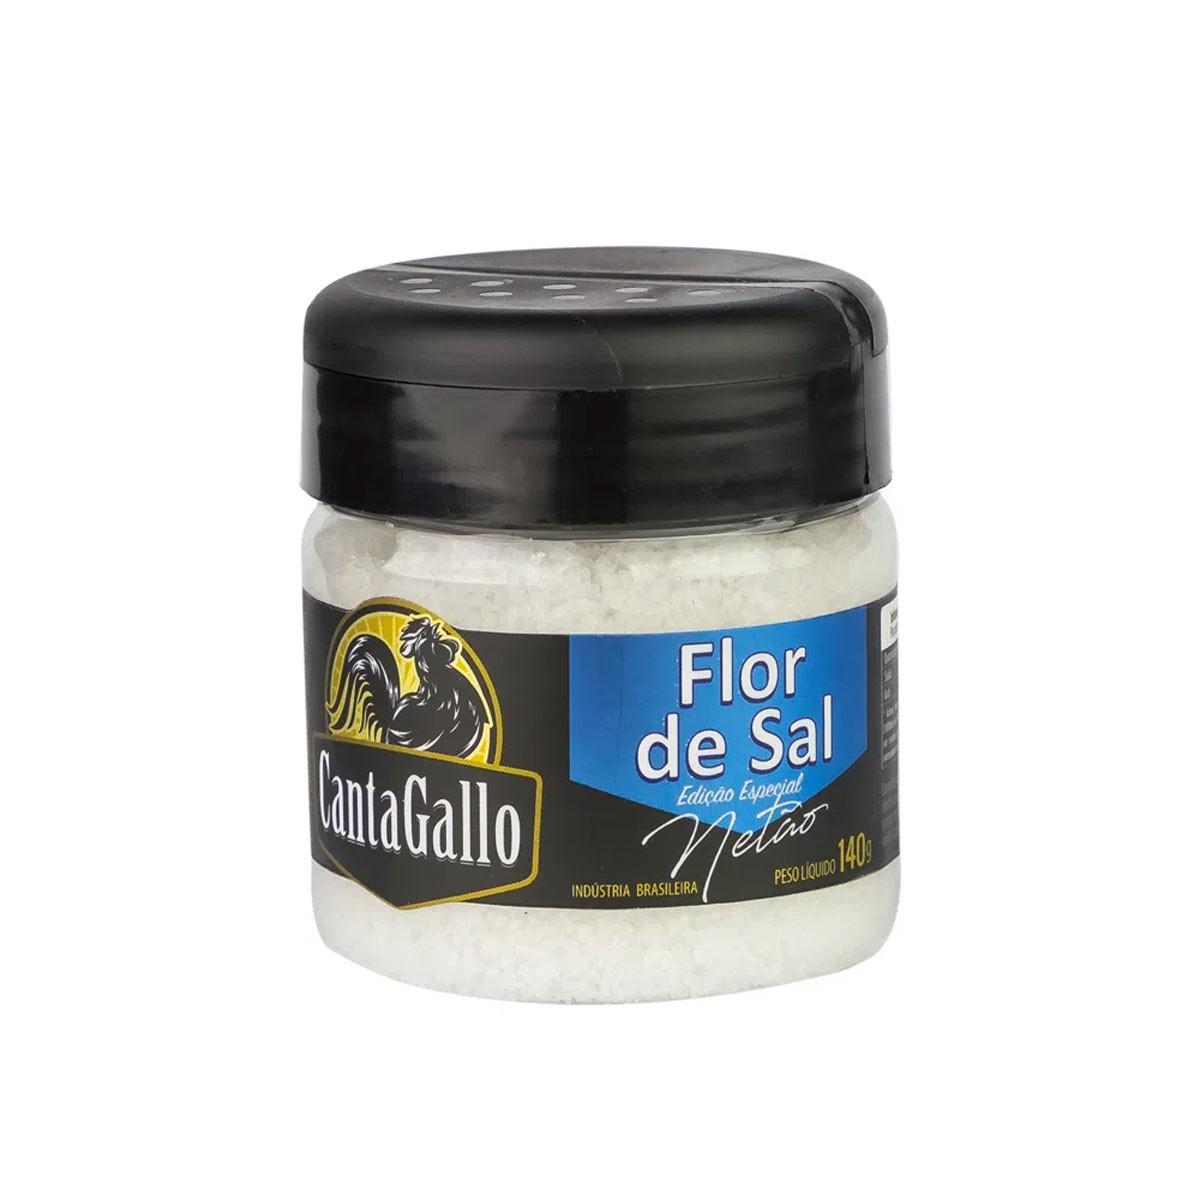 Flor de Sal CantaGallo Edição Especial Netão - 140g